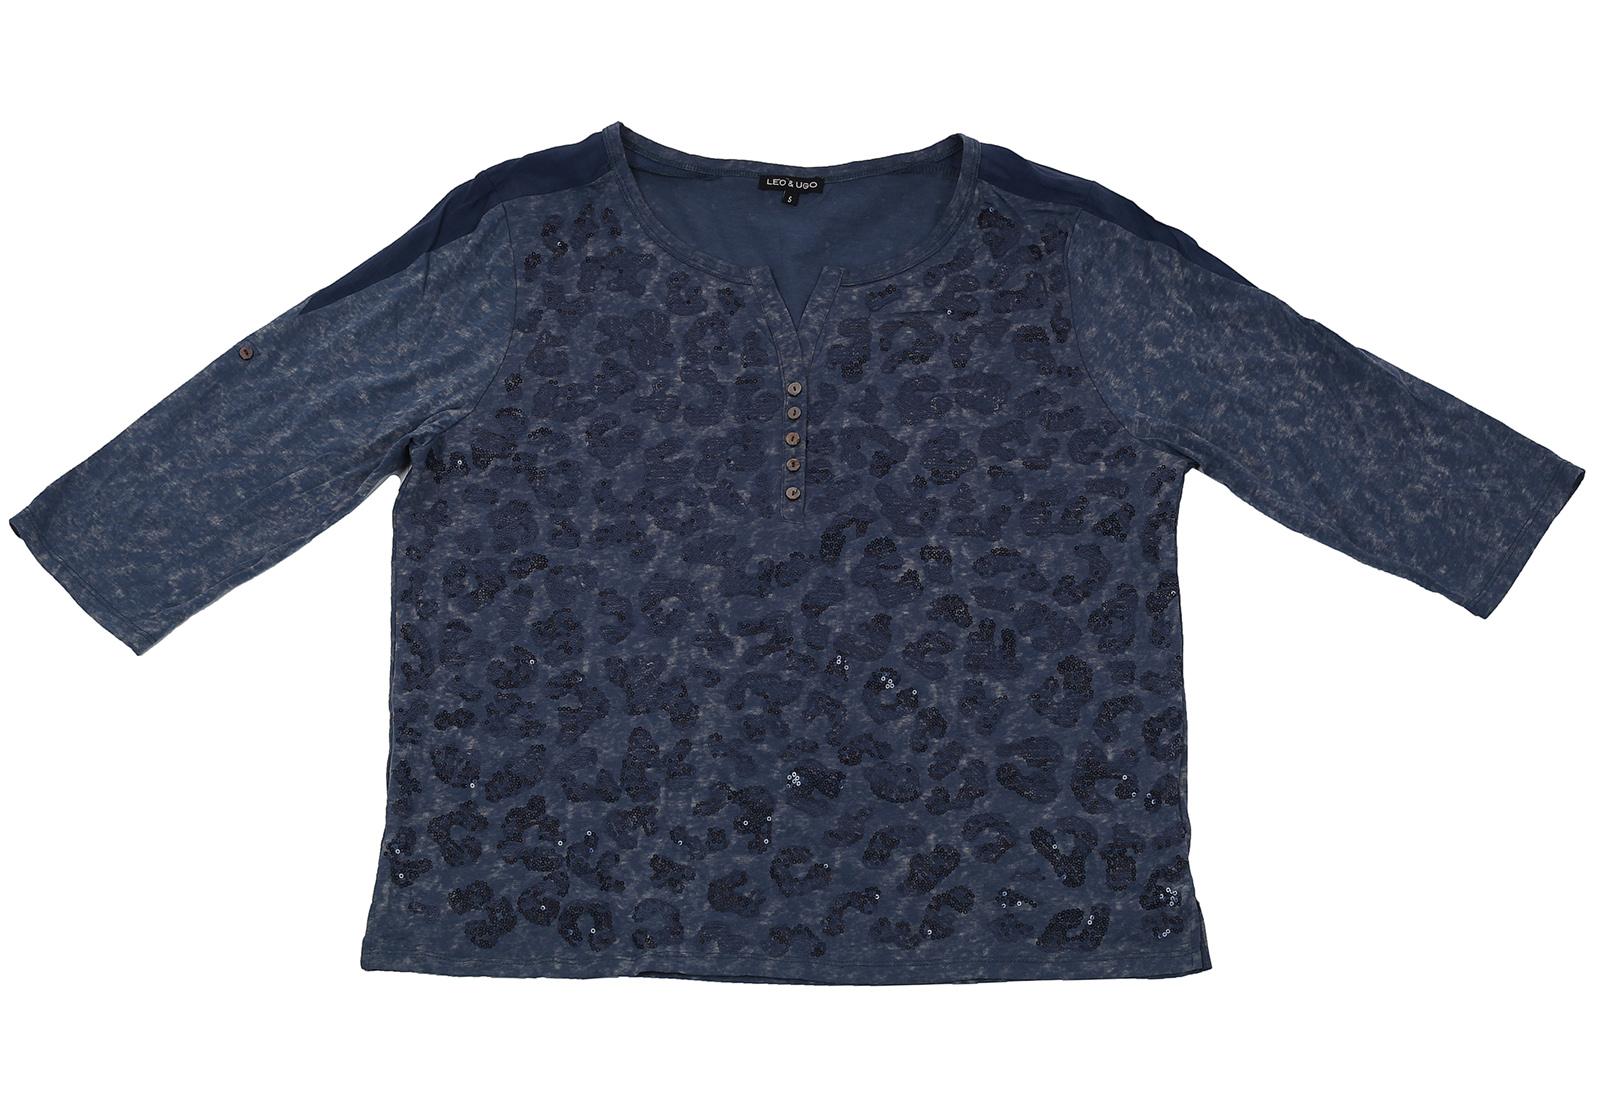 Модная кофточка с пайетками от Leo&Ugo. Французский бренд по доступной цене